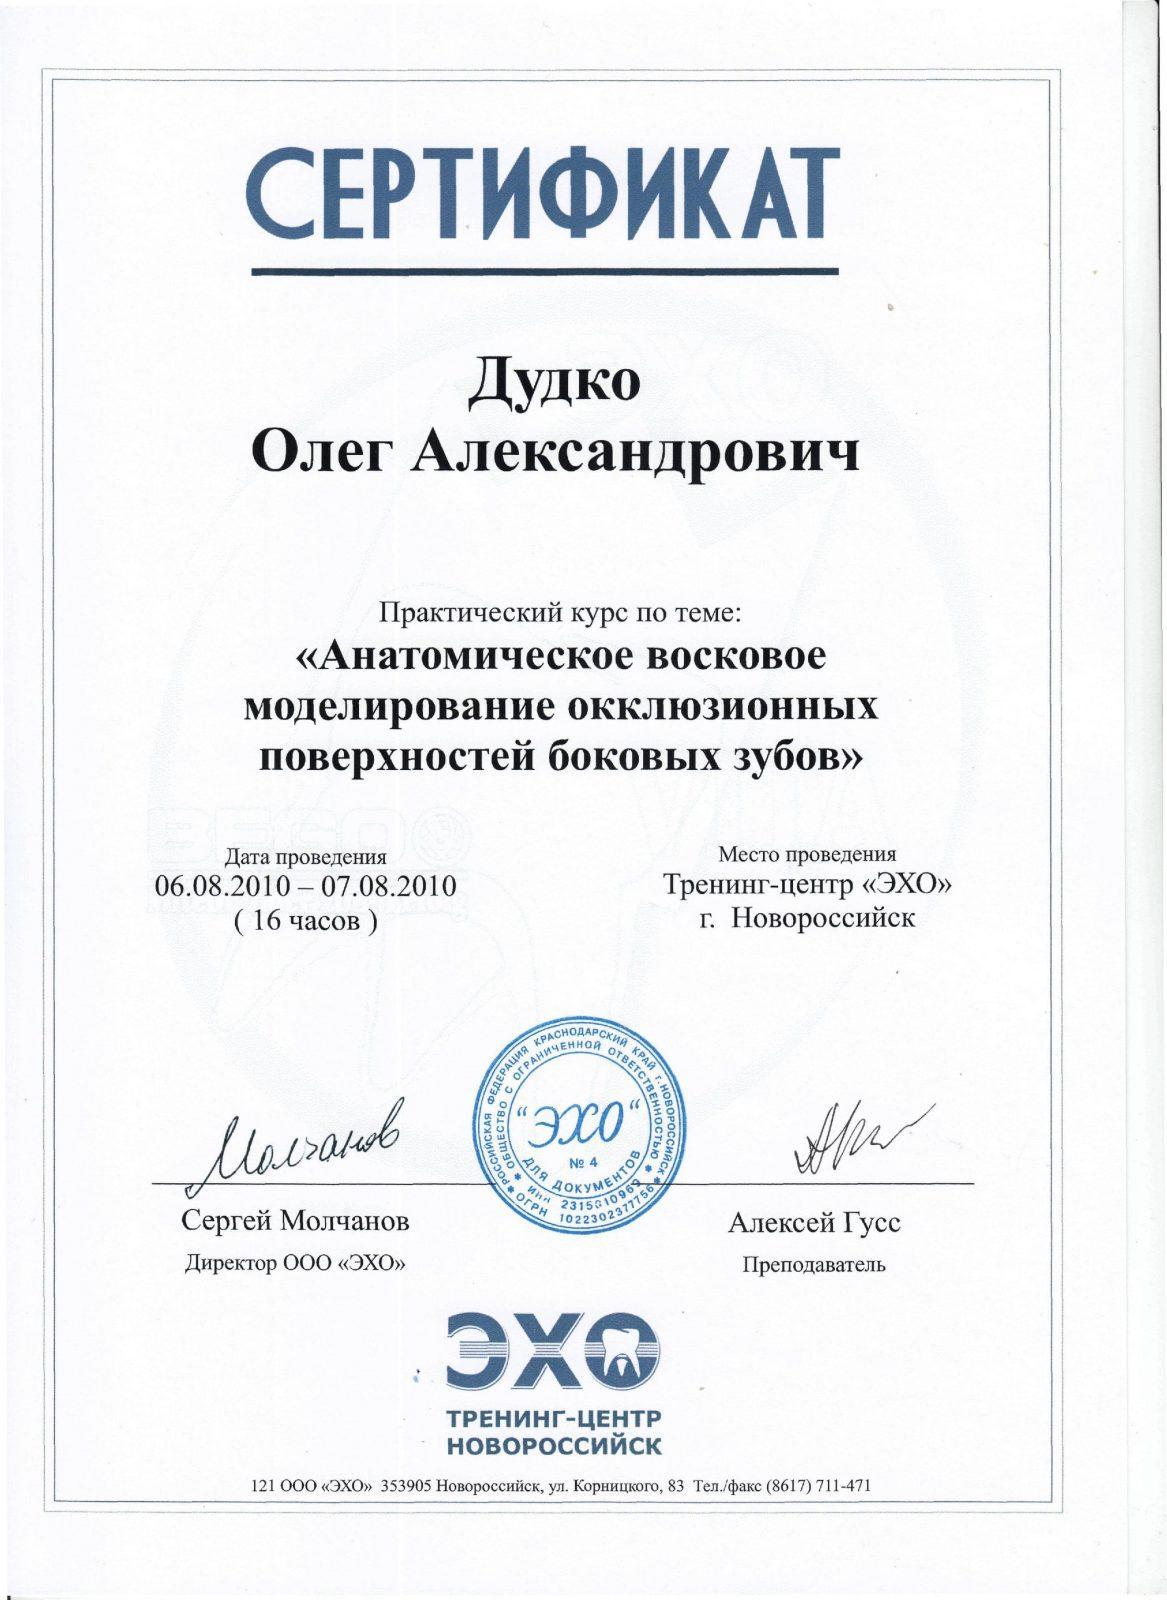 Сертификат Дудко О.А.